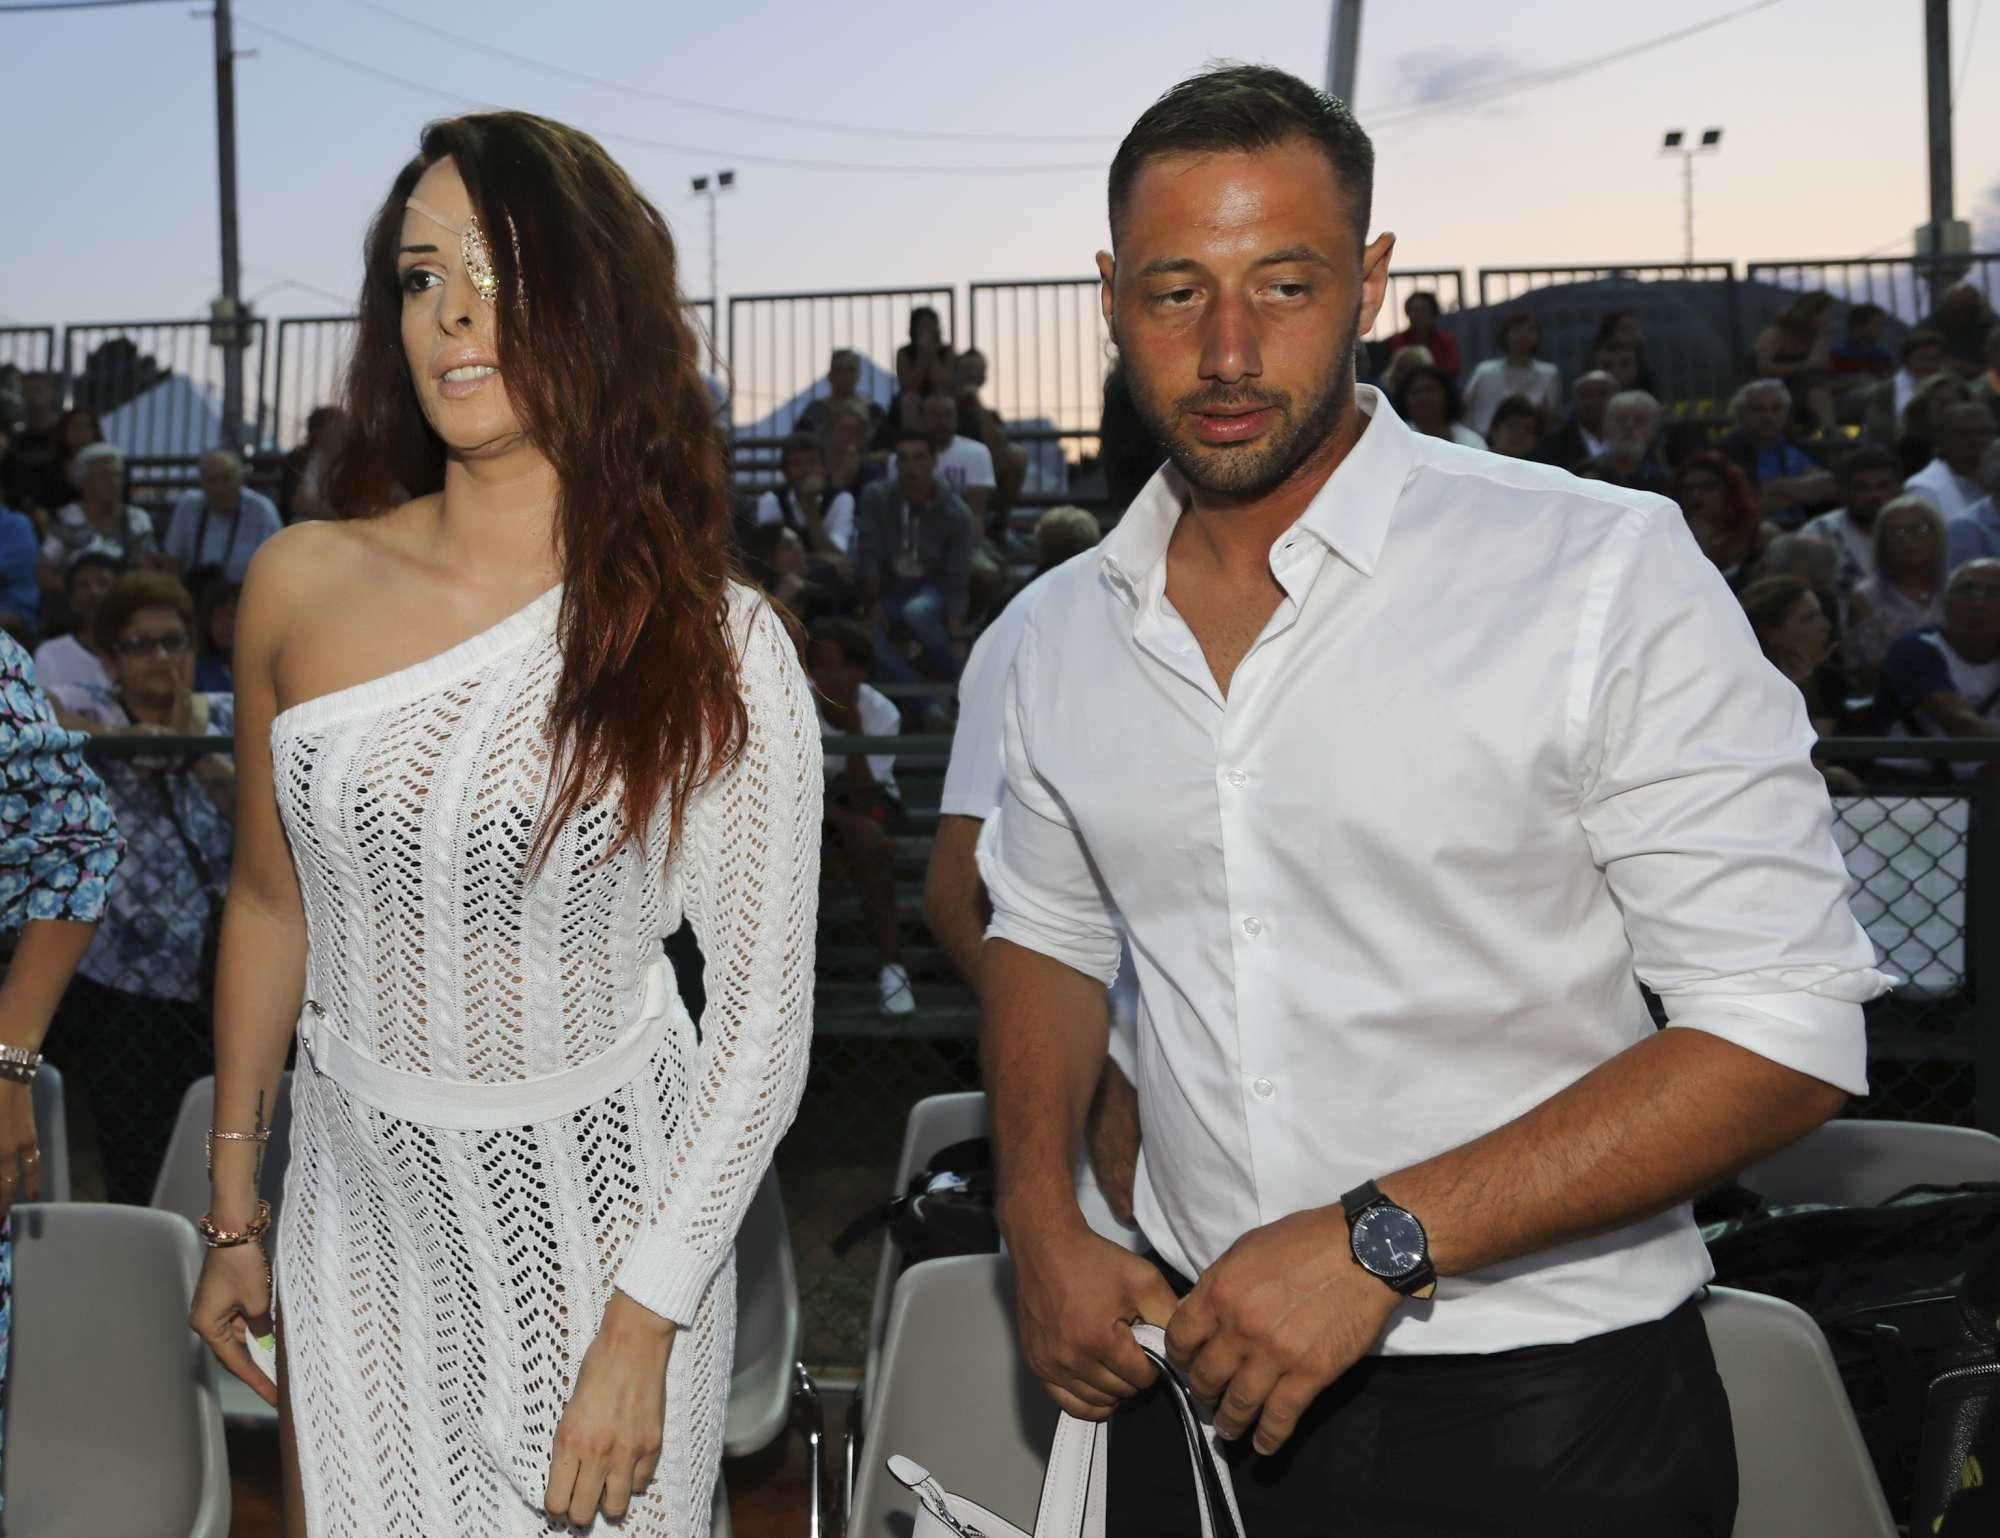 Gessica Notaro con il fidanzato a Milano Marittima, tanti applausi